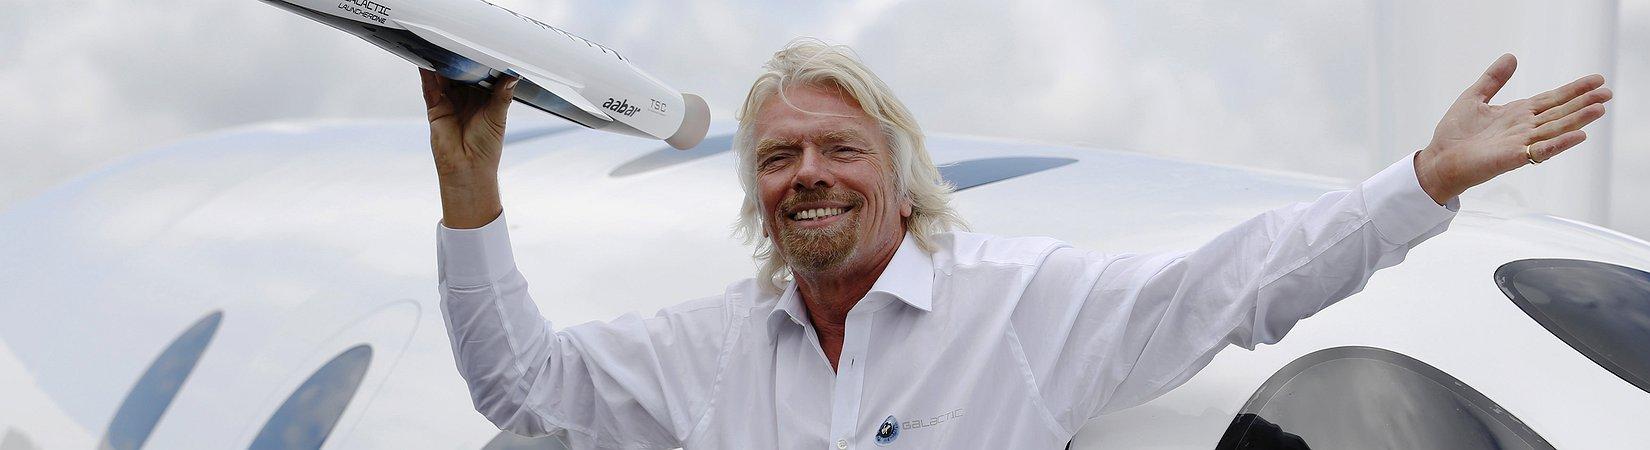 Die erste Million der Self-Made-Milliardäre